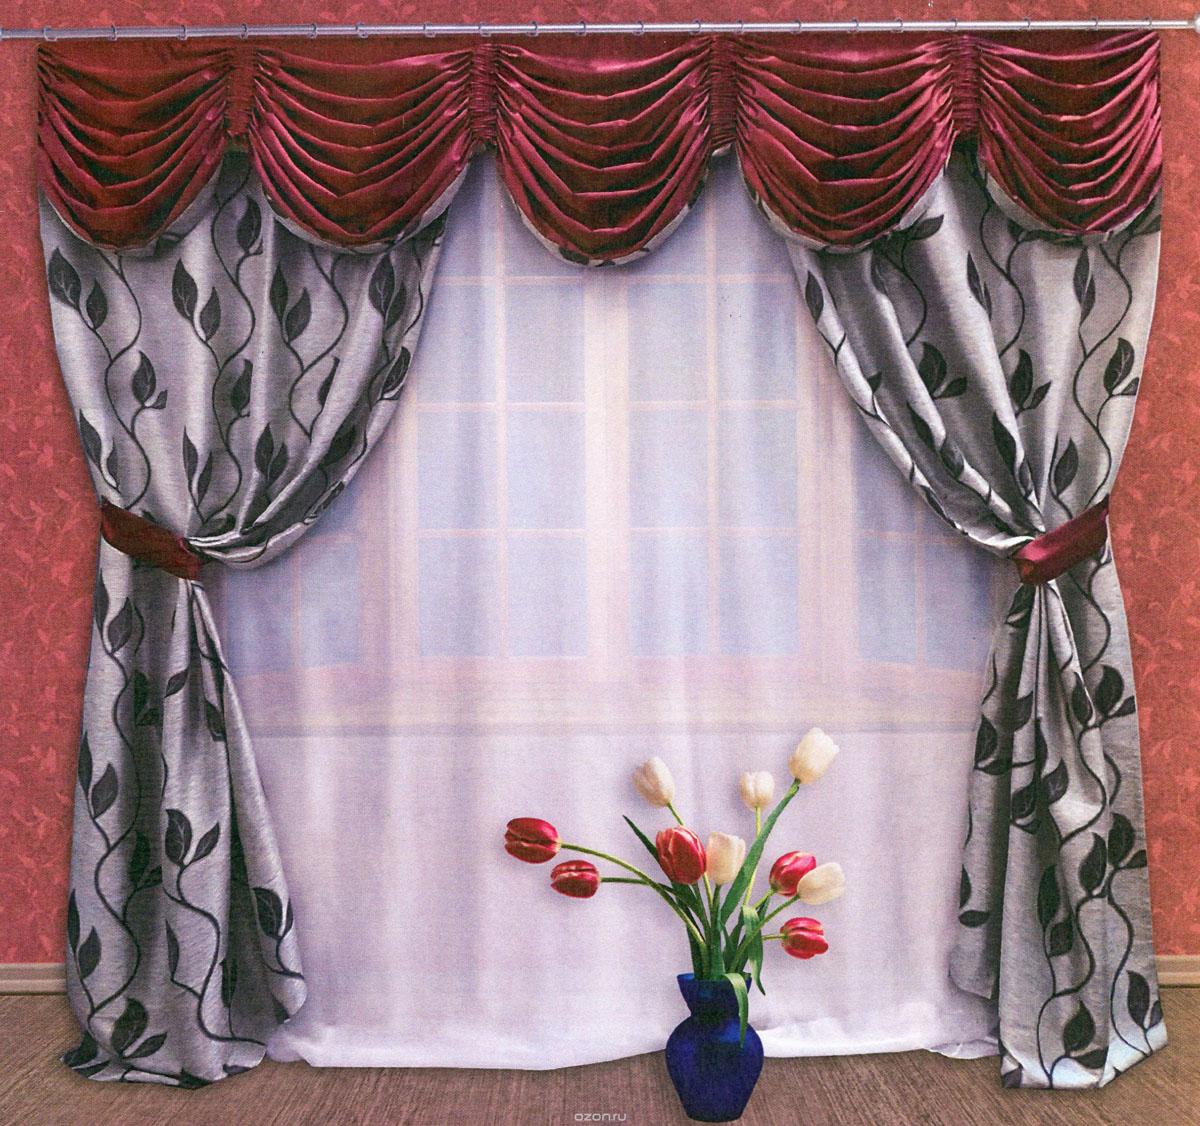 Комплект штор Zlata Korunka, на ленте, цвет: серый, бордовый, высота 250 см. 5550855508Роскошный комплект штор Zlata Korunka, выполненный из ткани сатин санрайз и шанзализе (100% полиэстера), великолепно украсит любое окно. Комплект состоит из двух портьер, ламбрекена и двух подхватов. Плотная ткань, изображение листьев и приятная, приглушенная гамма привлекут к себе внимание и органично впишутся в интерьер помещения. Комплект крепится на карниз при помощи шторной ленты, которая поможет красиво и равномерно задрапировать верх. Портьеры можно зафиксировать в одном положении с помощью двух подхватов. Этот комплект будет долгое время радовать вас и вашу семью! В комплект входит: Портьера: 2 шт. Размер (ШхВ): 145 см х 250 см. Ламбрекен: 1 шт. Размер (ШхВ): 300 см х 50 см. Подхват: 2 шт. Размер (ШхВ): 60 см х 10 см.